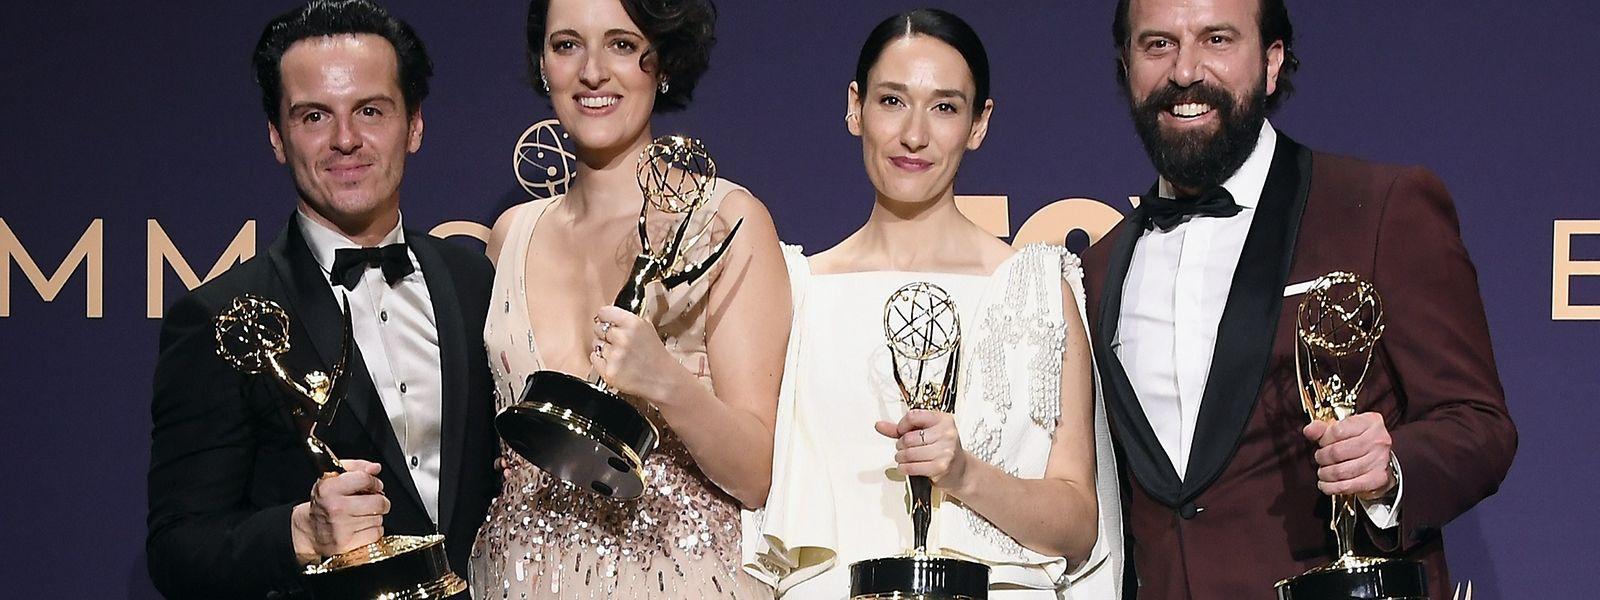 Andrew Scott, Phoebe Waller-Bridge, Sian Clifford et Brett Gelma (de g. à dr.), les grands vainqueurs de la 71e cérémonie des Emmy Awards